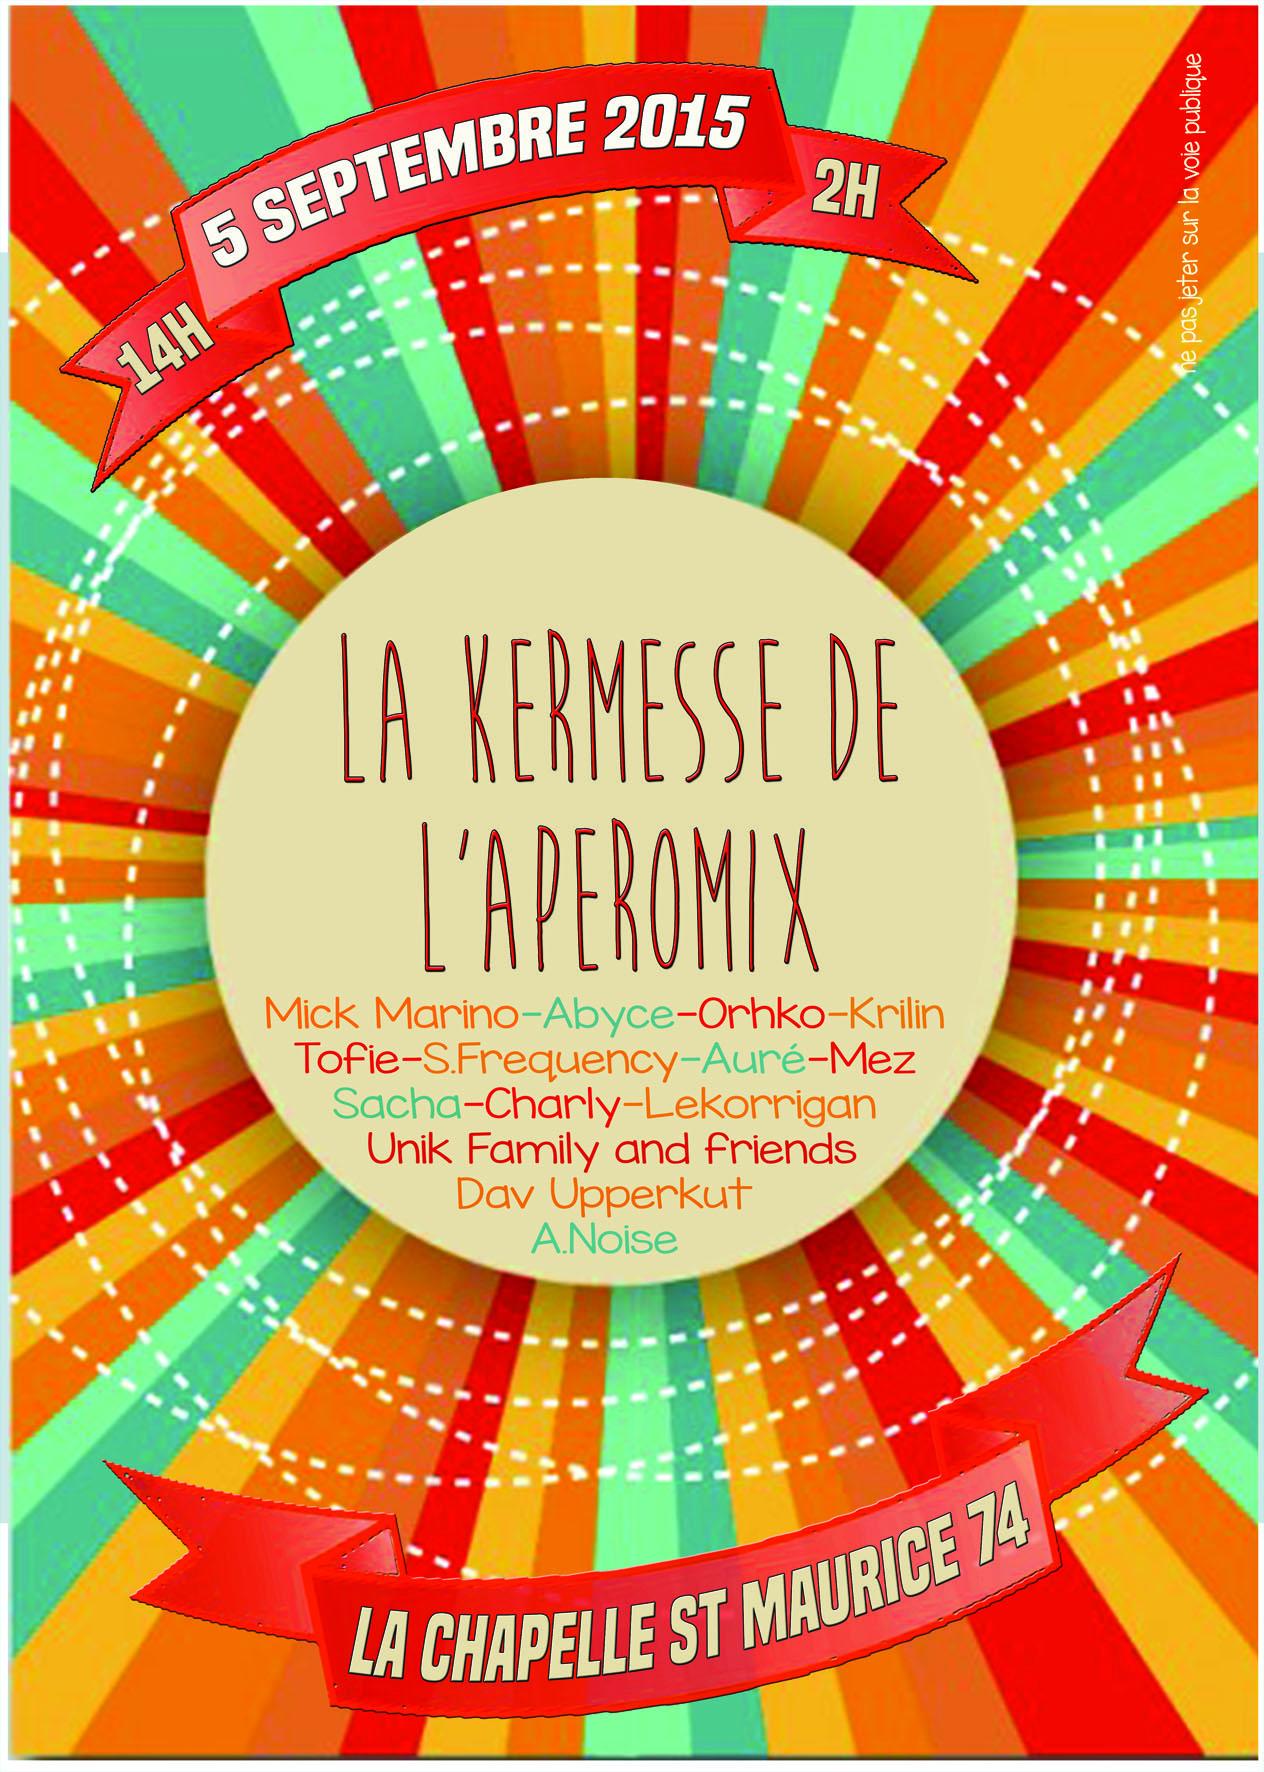 Aperomix NEEFA à la Chapelle St Maurice le 5 septembre 2015